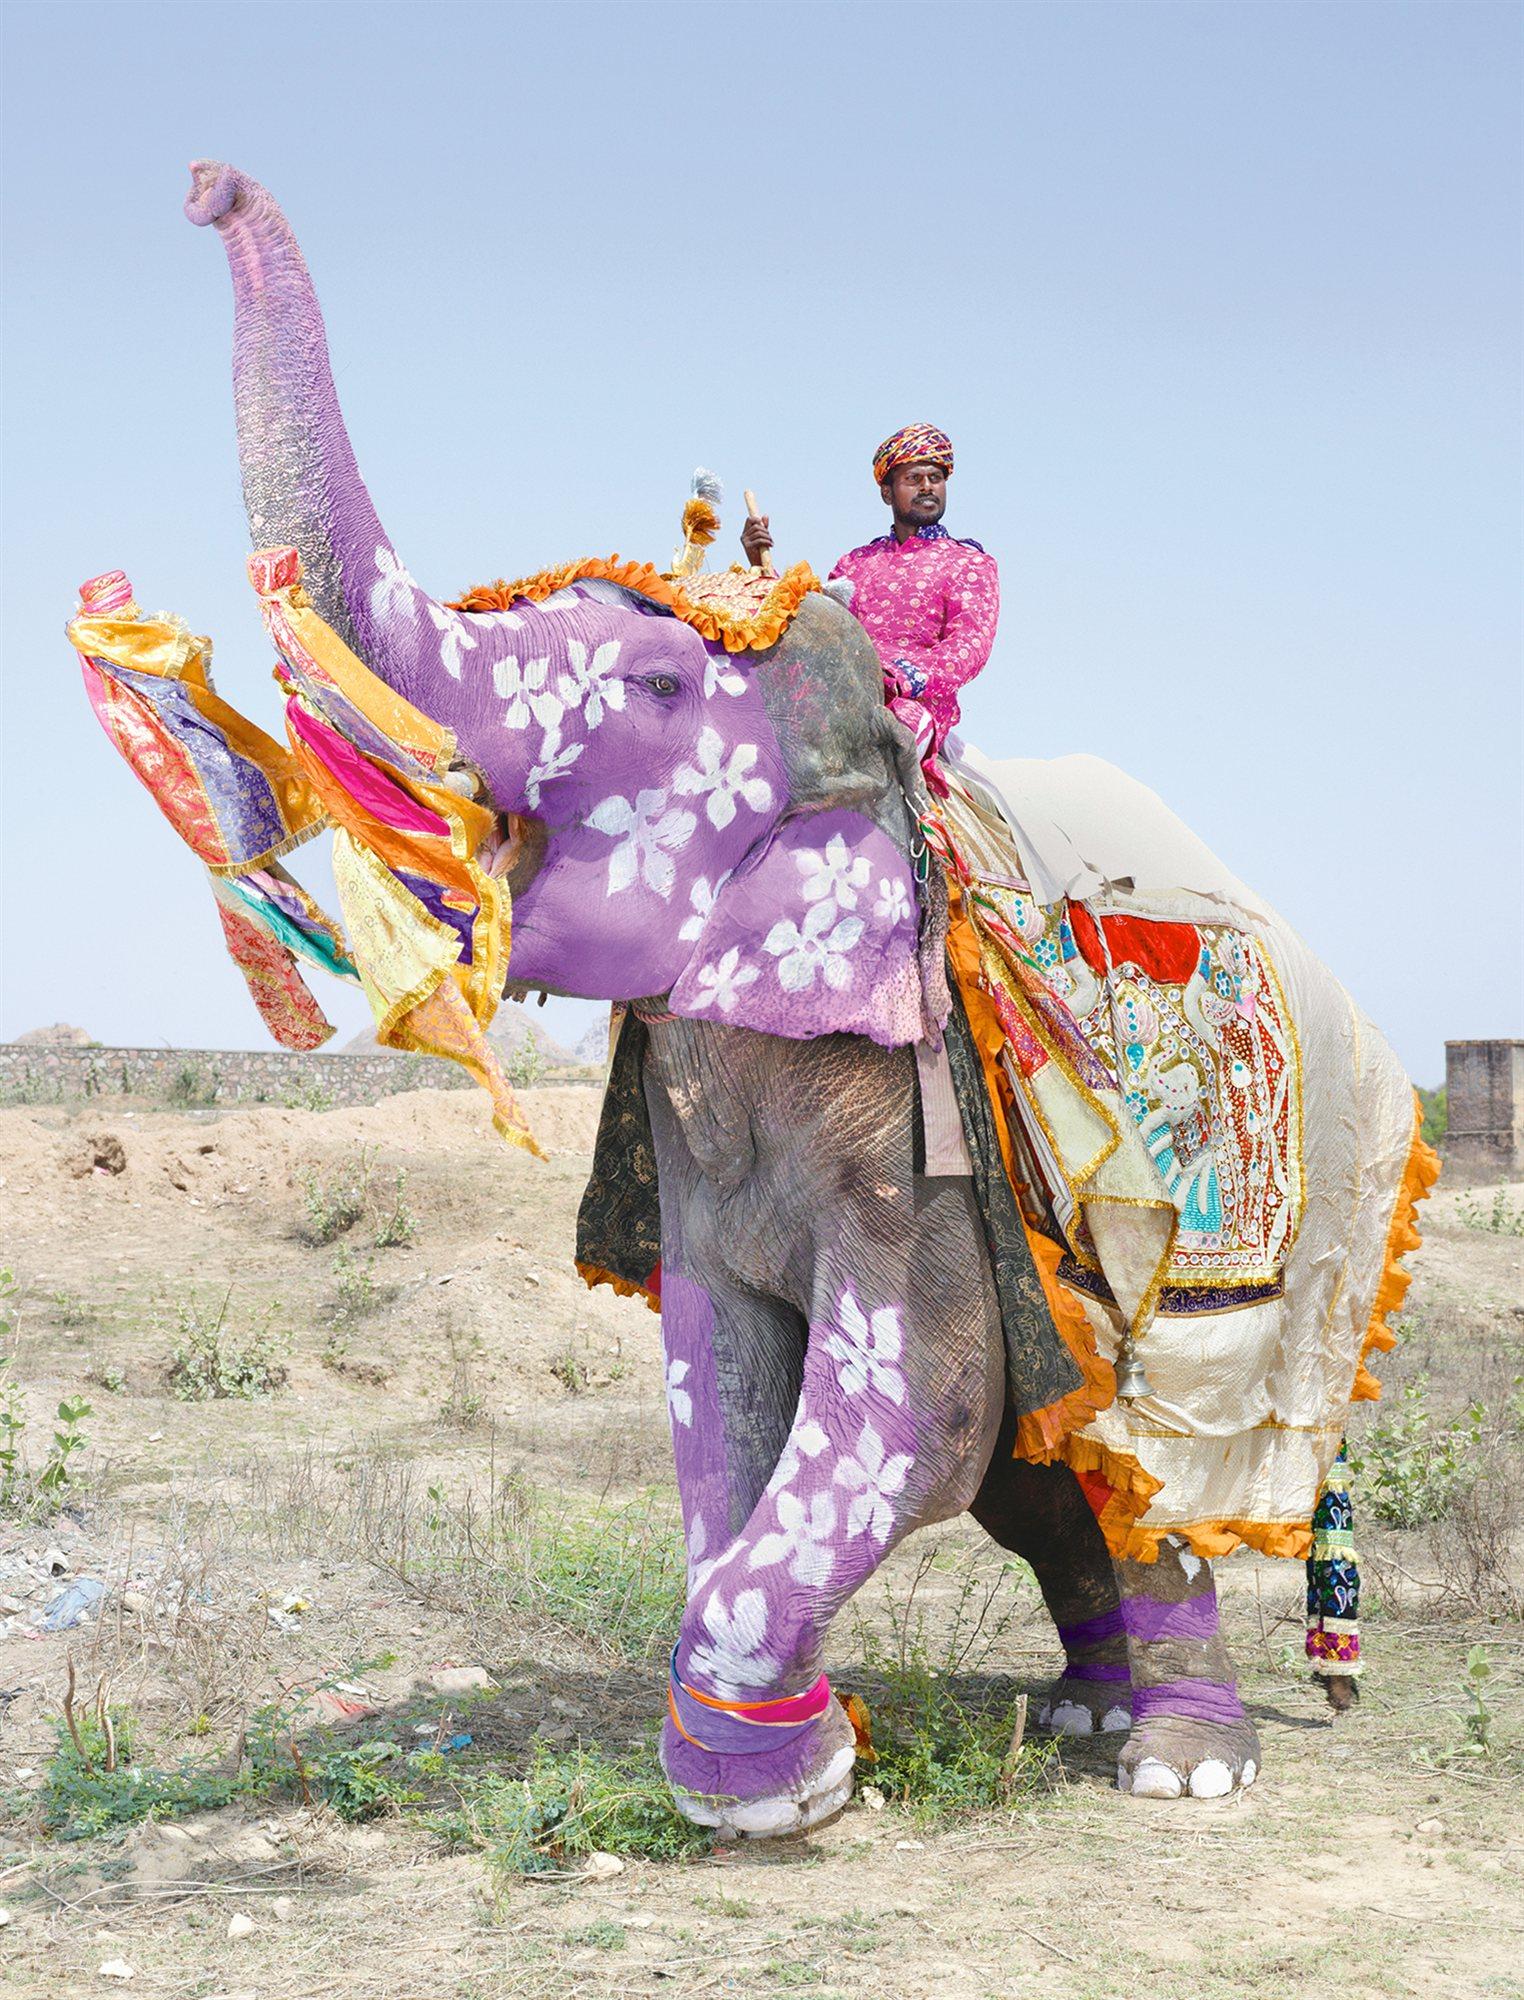 Elefantes de la India: el desfile de los elefantes pintados